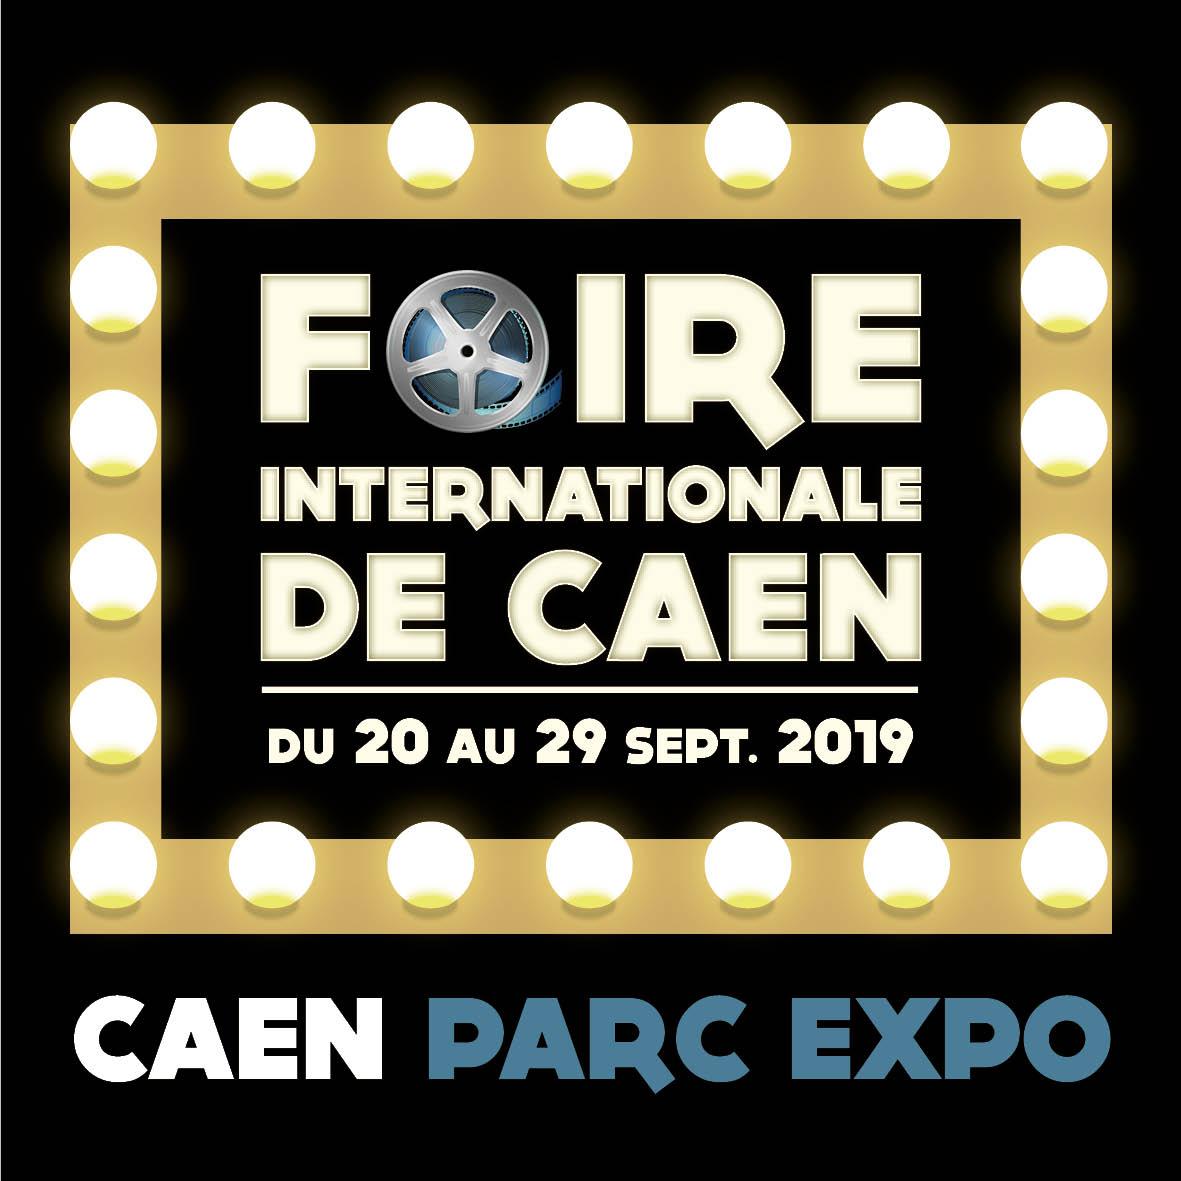 Attention ⚠️⚠️⚠️Demain, la #FoiredeCaen a de nombreuses informations à vous communiquer … 😉 🎬📽️🎞️#FoiredeCaen #J-1 #Caen https://t.co/lh5724D74y